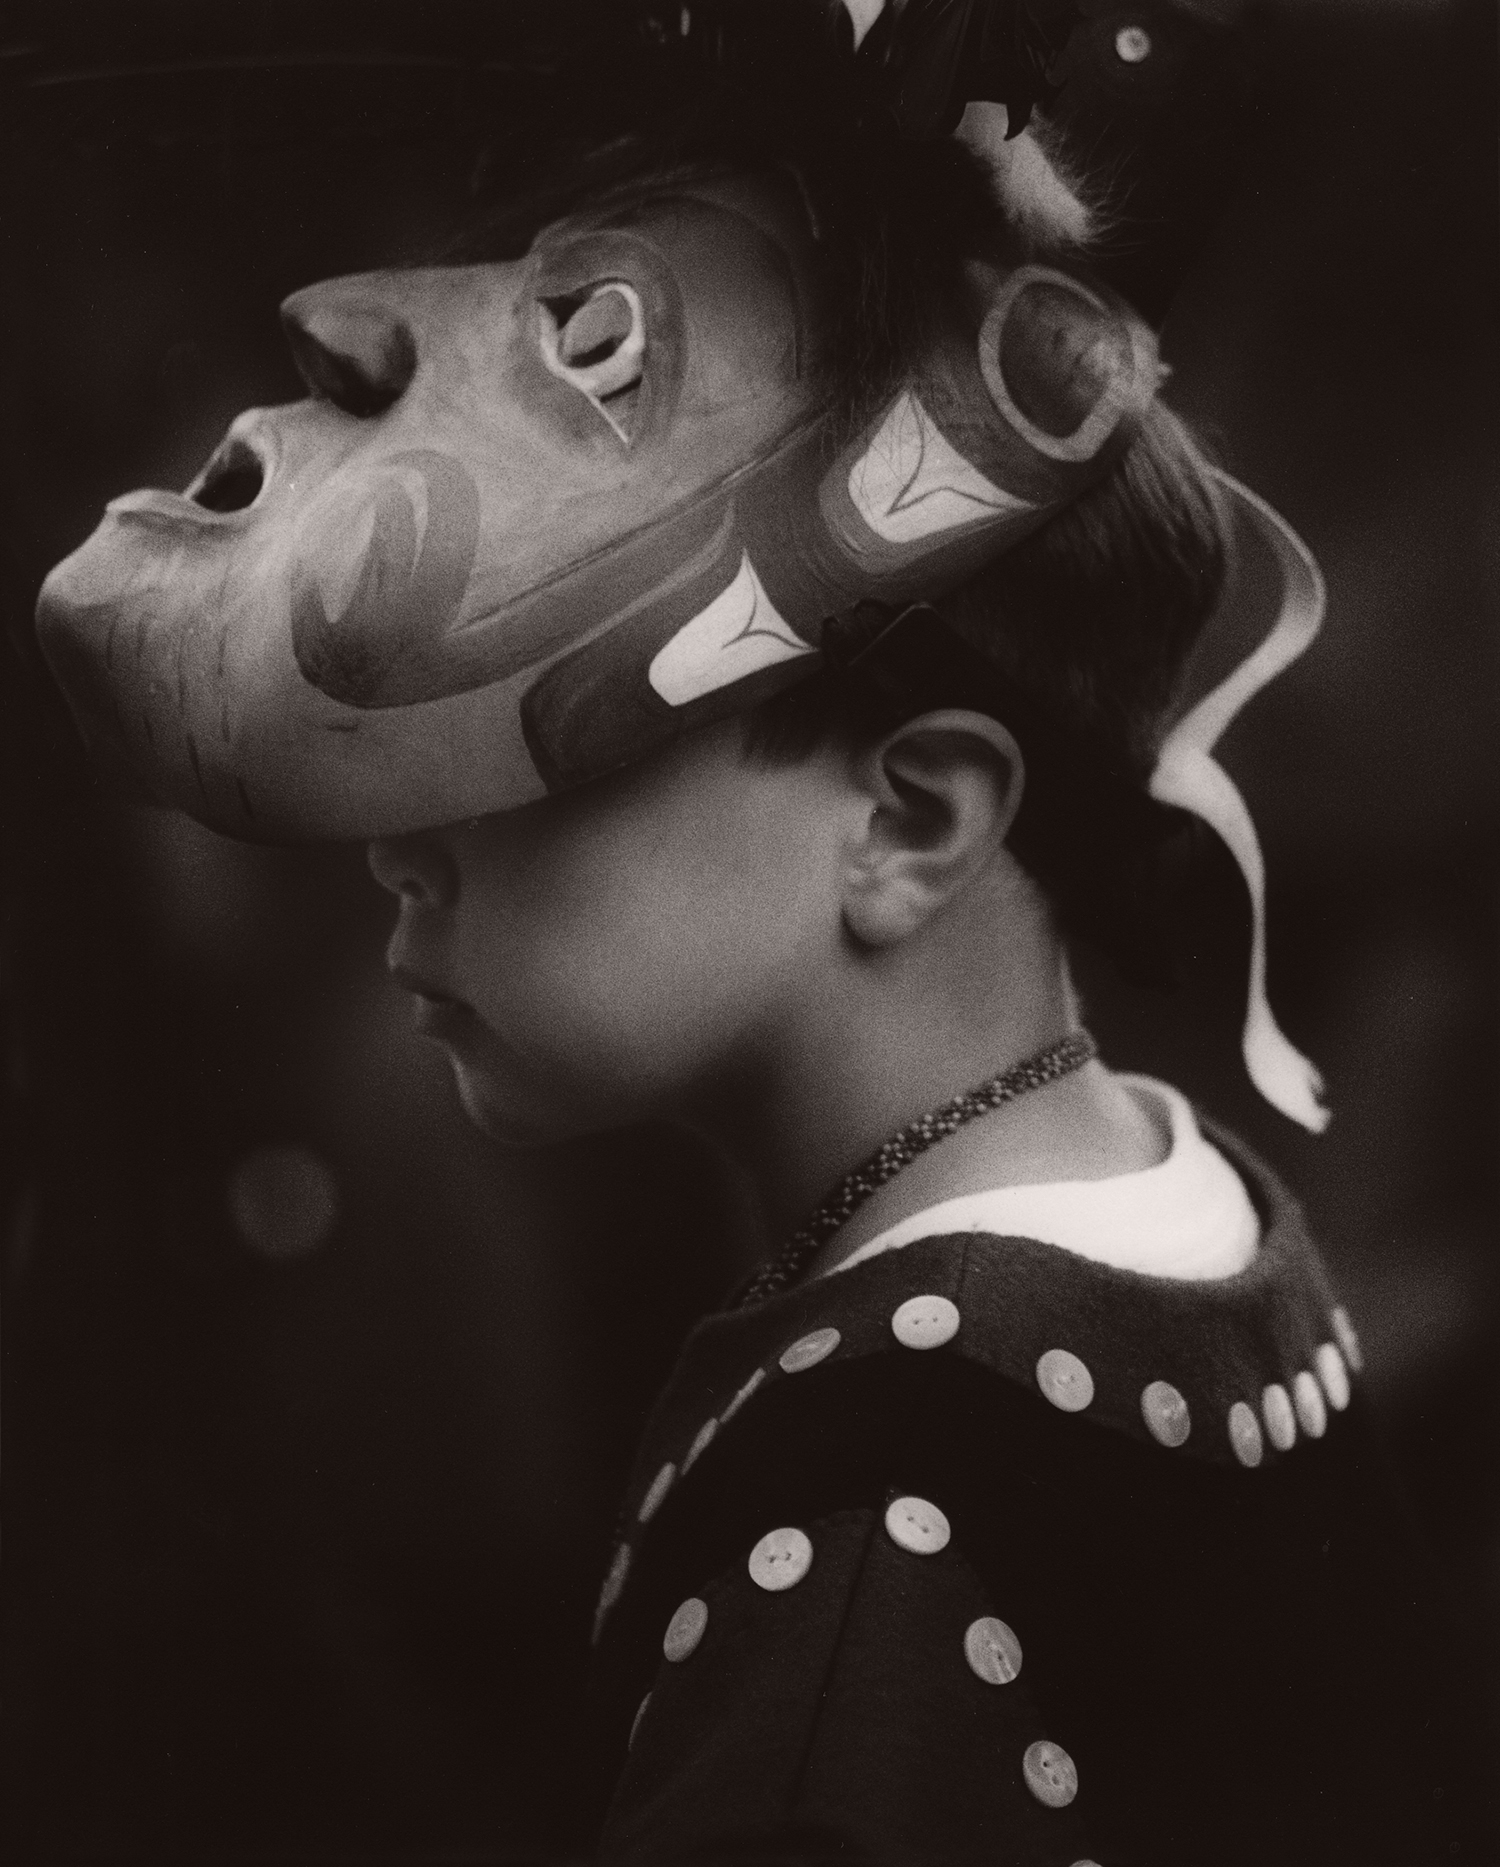 Crouser_M_Tlingit Mask.jpg